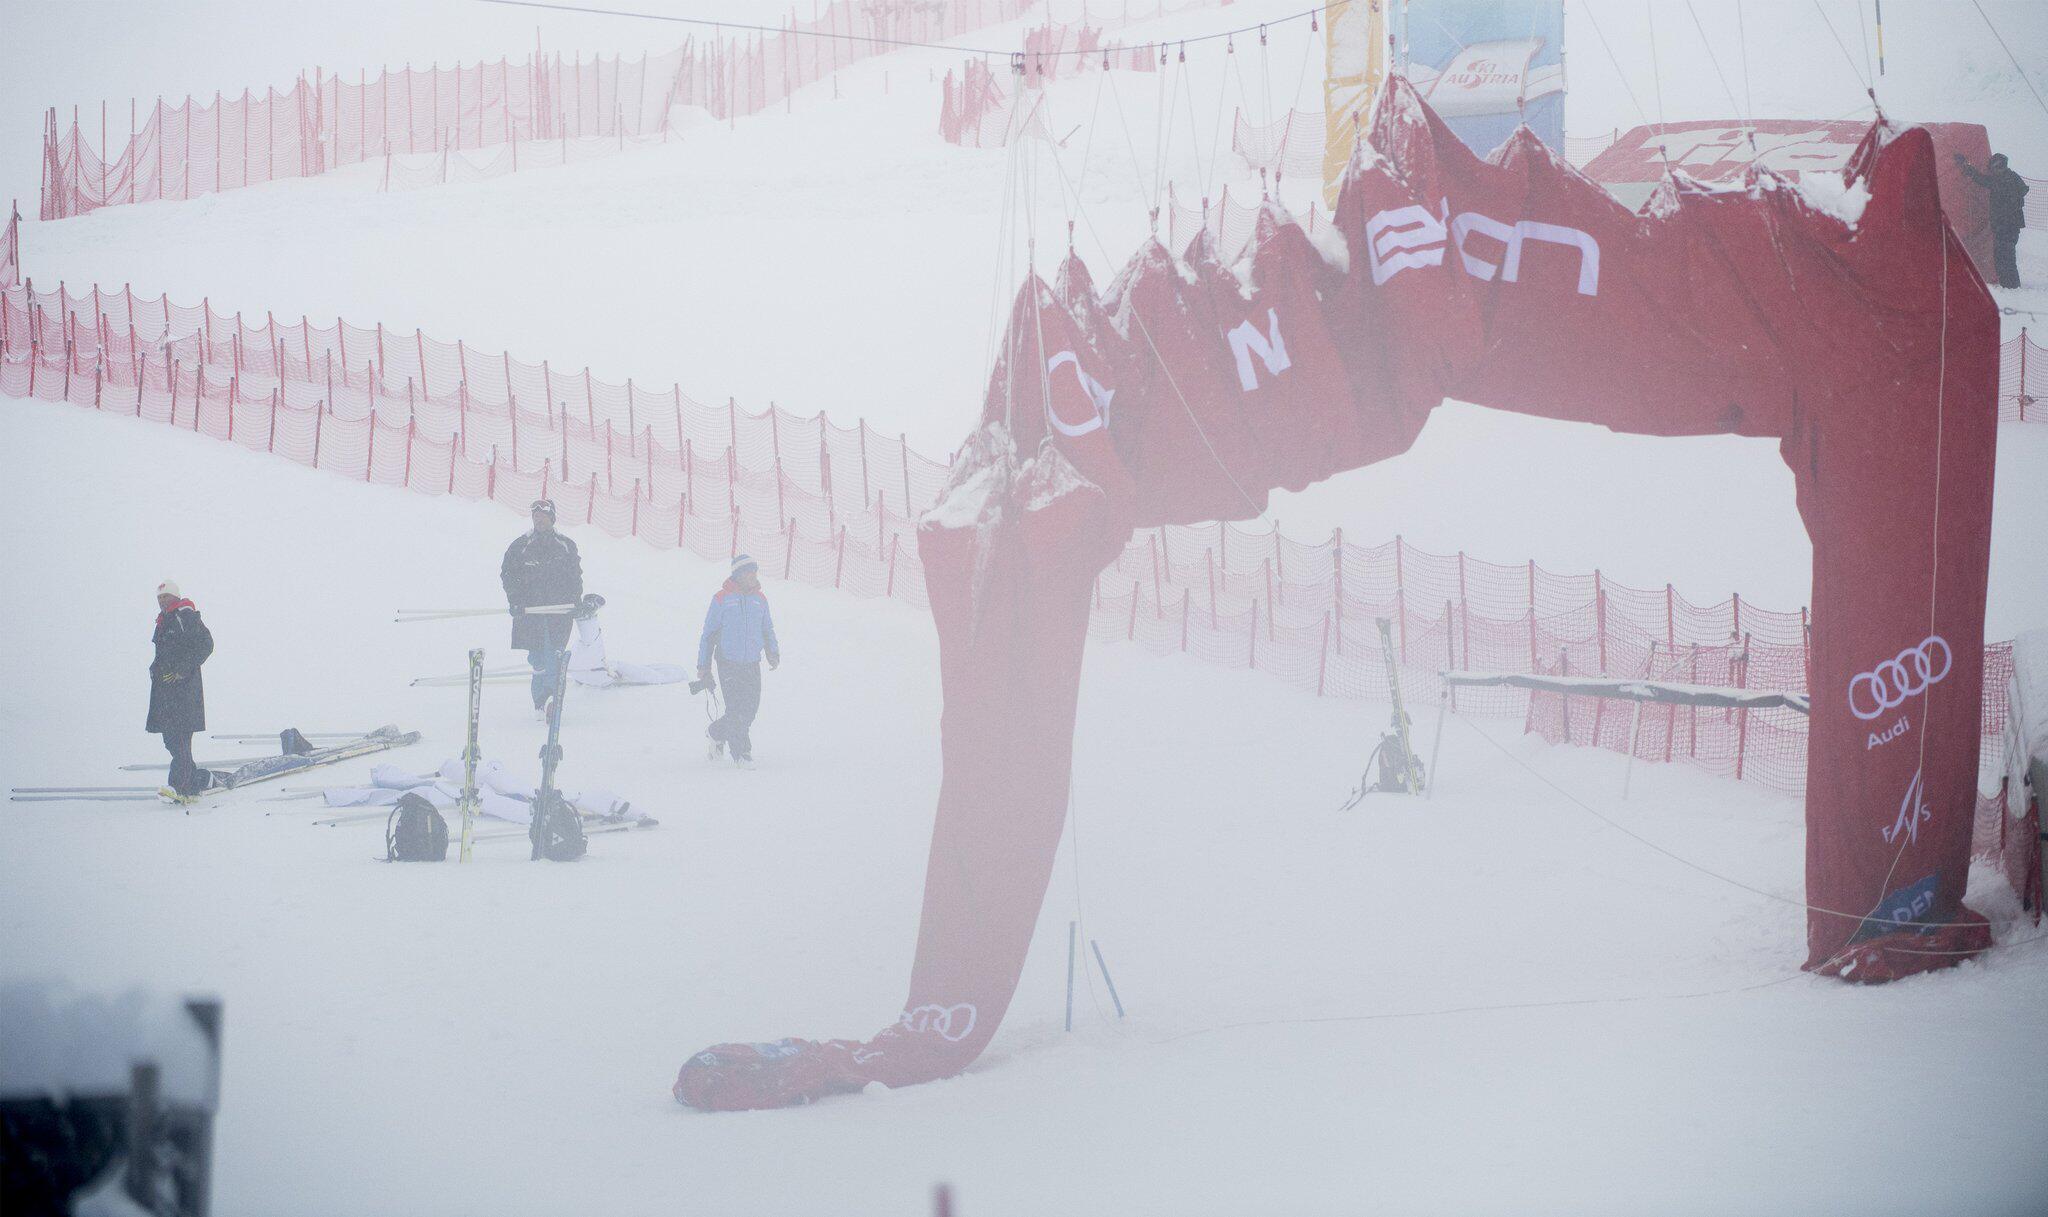 Bild zu Weltcup Riesenslalom - Auftakt in Sölden abgesagt